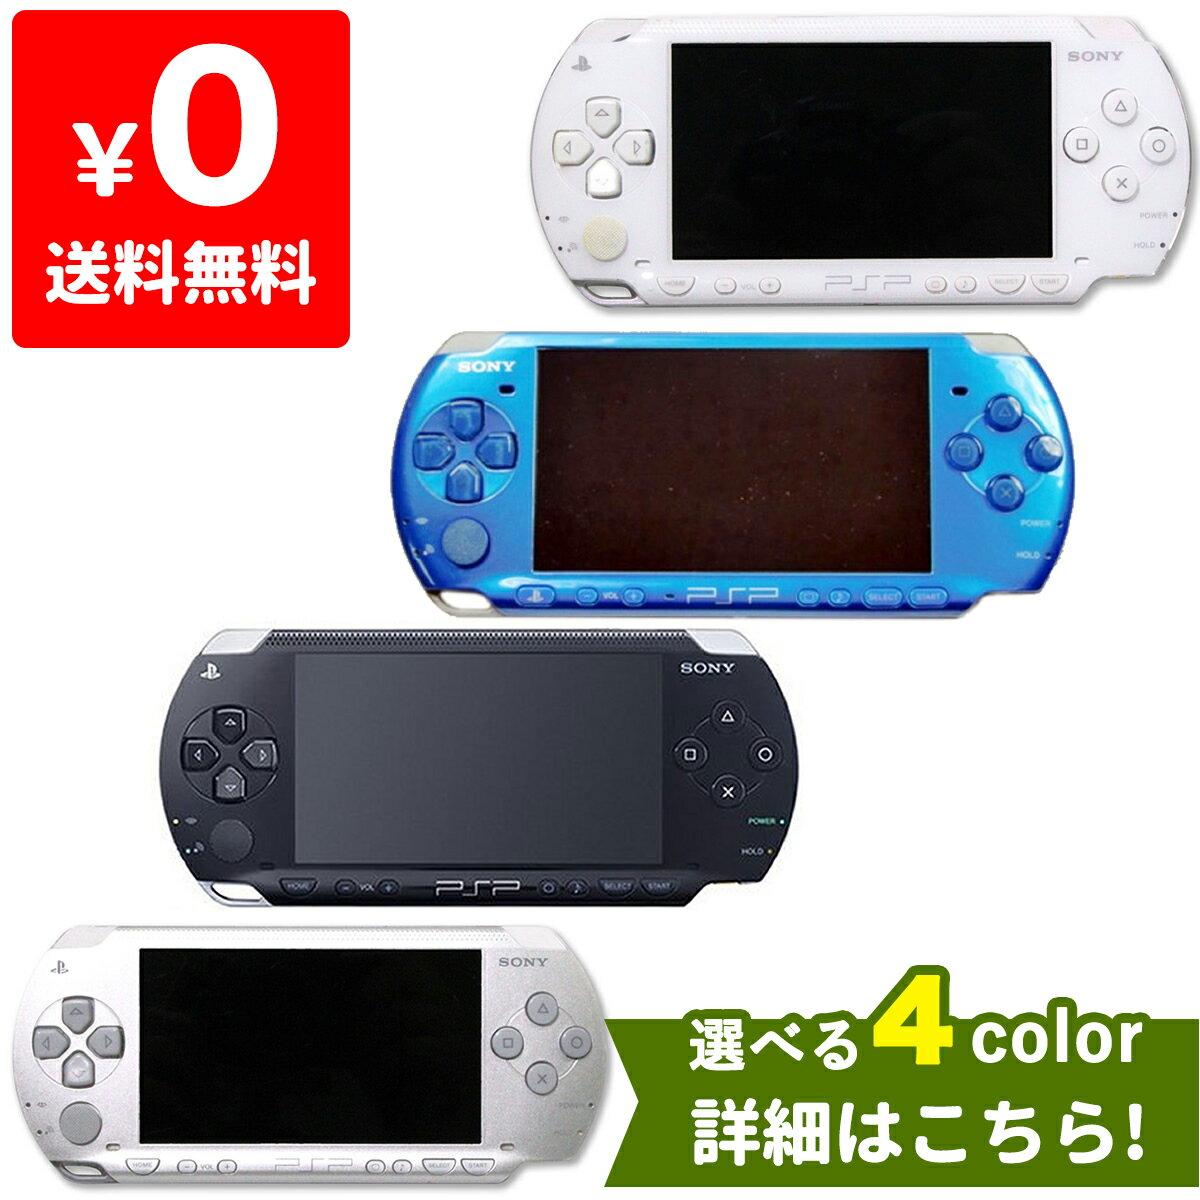 【送料無料】PSP 1000 本体のみ 選べる 4色【中古】